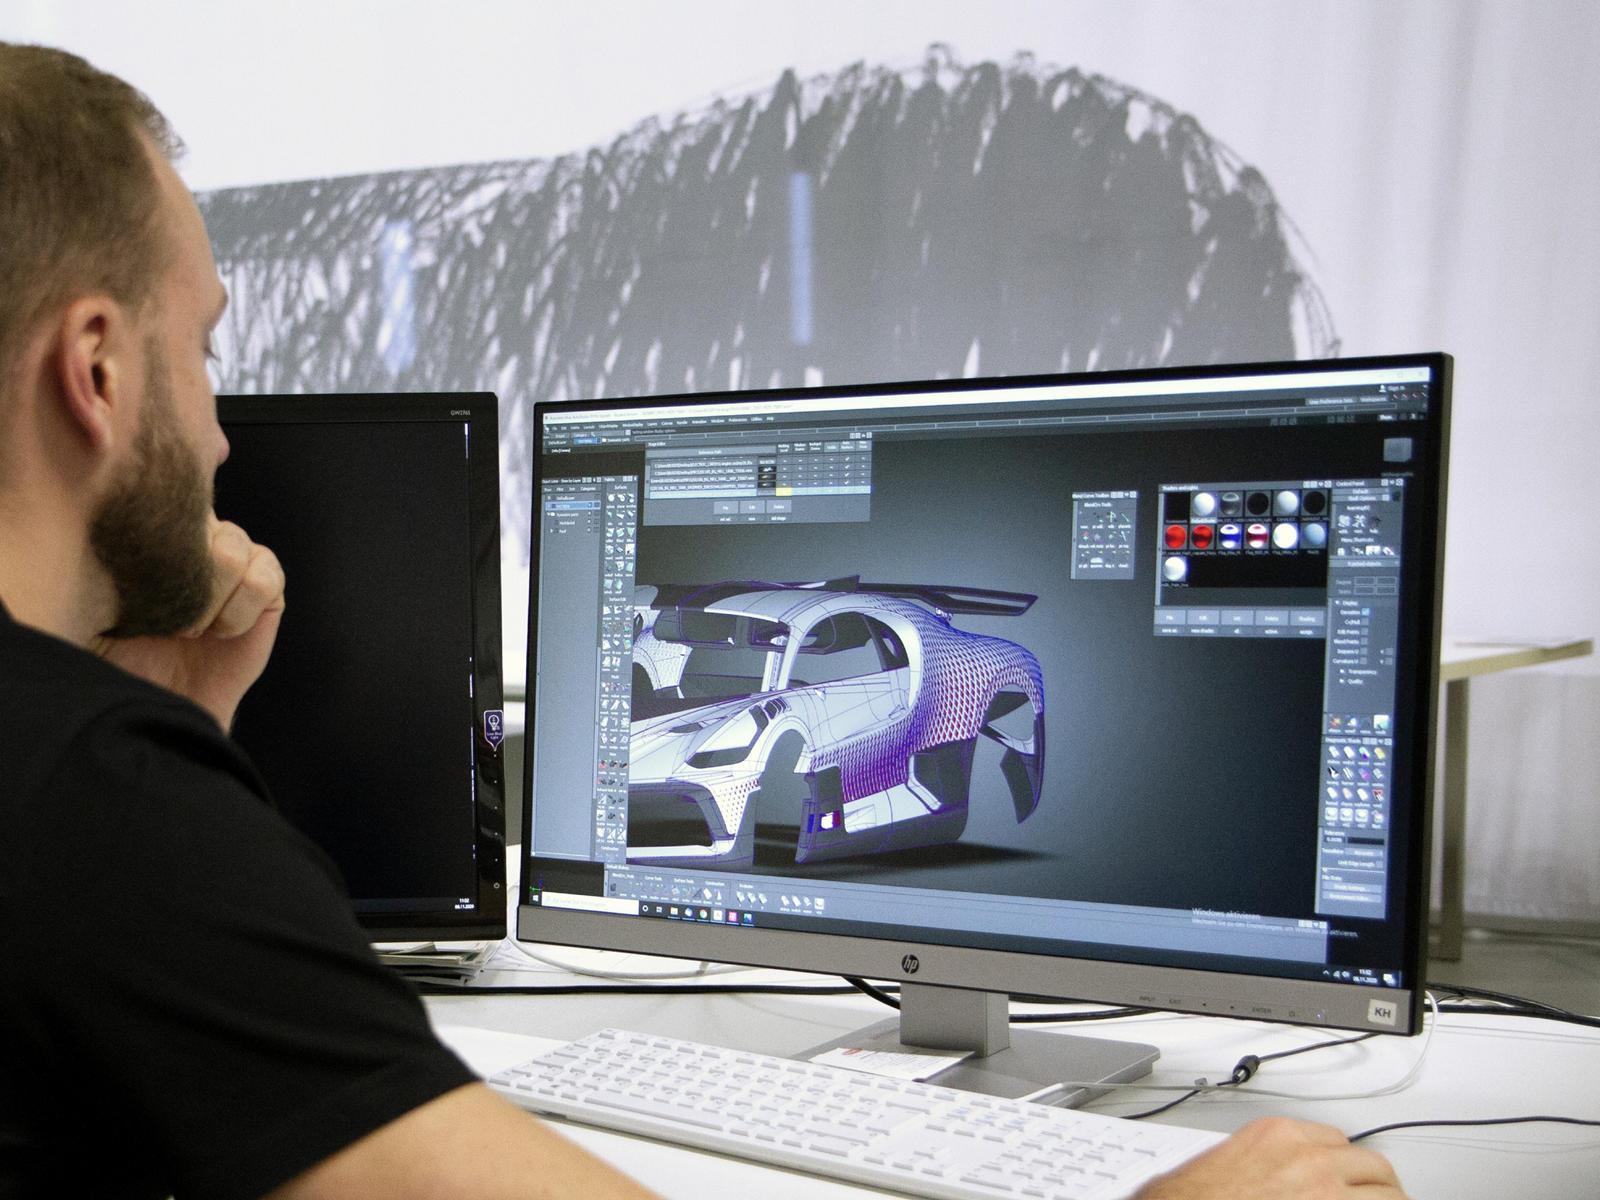 Поставки впечатляющего гиперкара Divo от Bugatti начались во второй половине прошлого года. Как и в случае с более бедными автолюбителями, такими как вы и я, владельцы Divo хотят выделиться из толпы, каким бы эксклюзивным ни был их автомобиль. Но ког